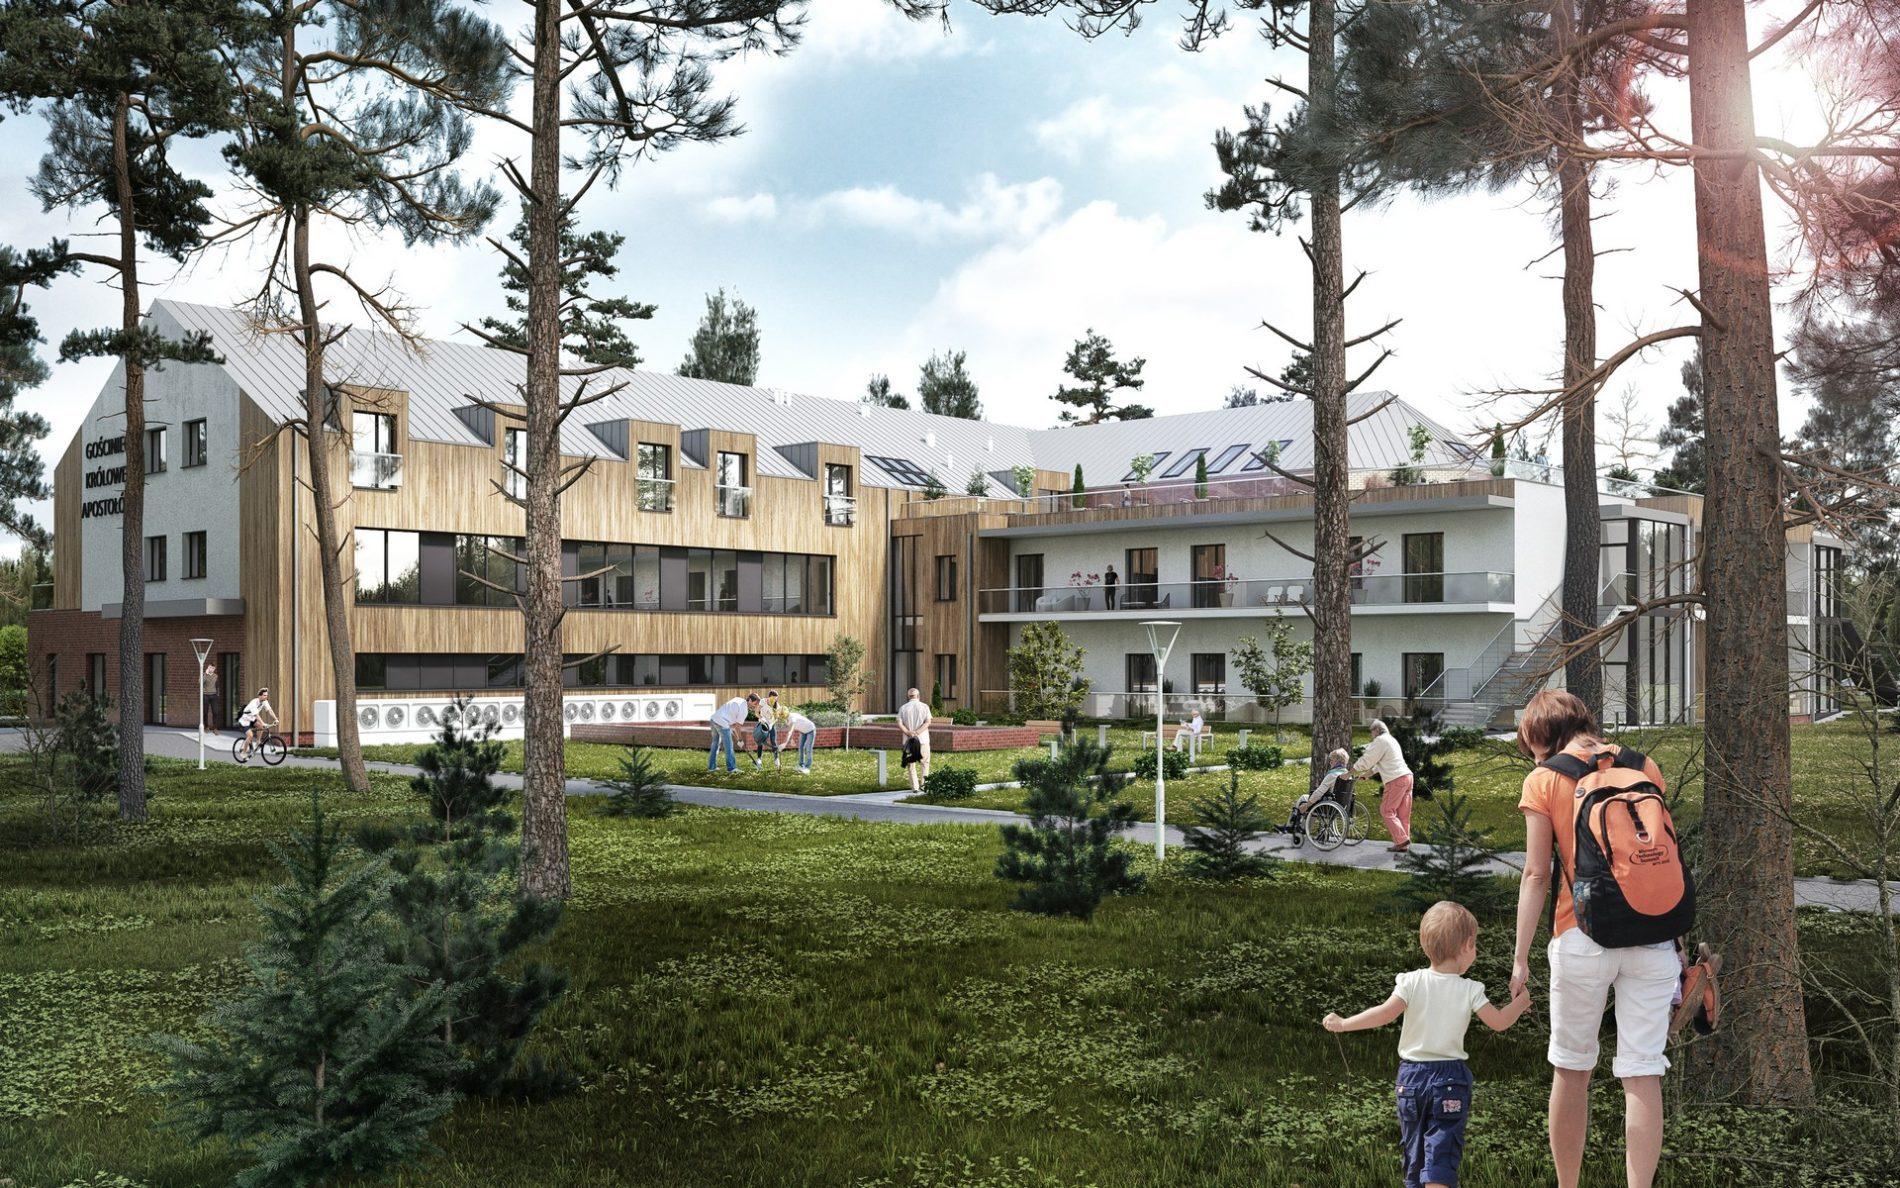 wizualizacja 3d architektoniczna hotel śląsk